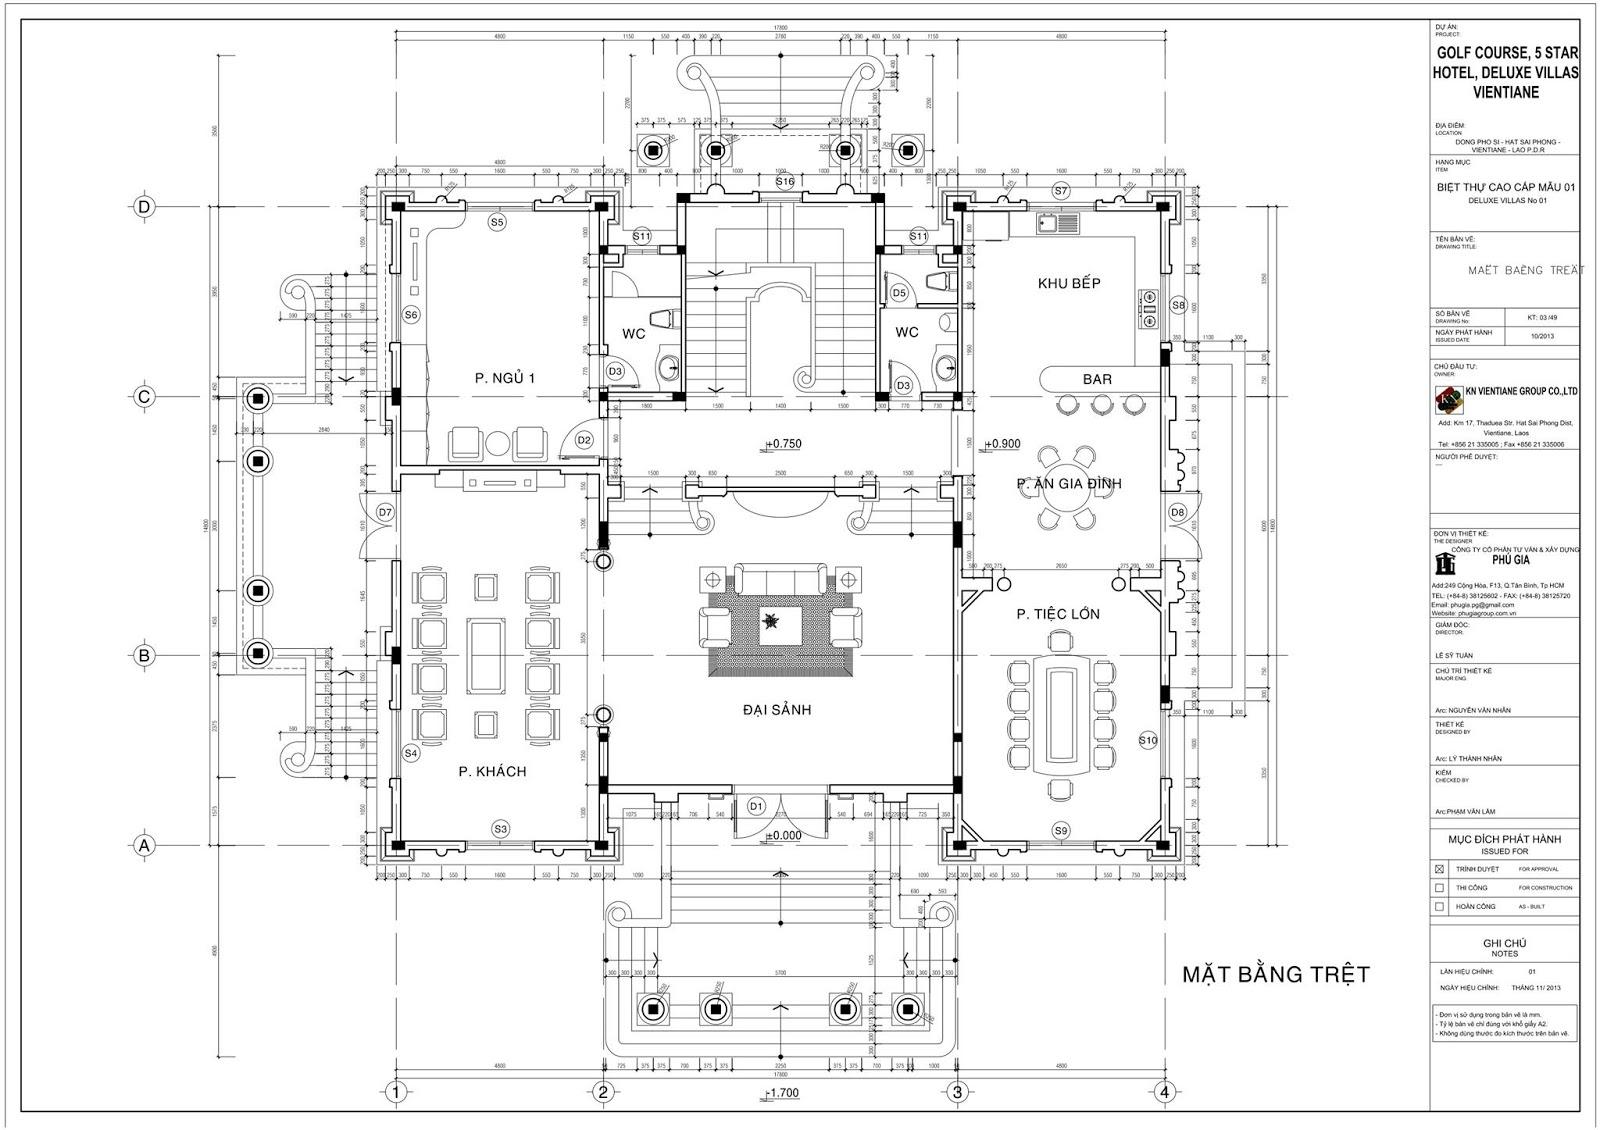 Mặt bằng tầng trệt Biệt thự cổ điển 3 tầng